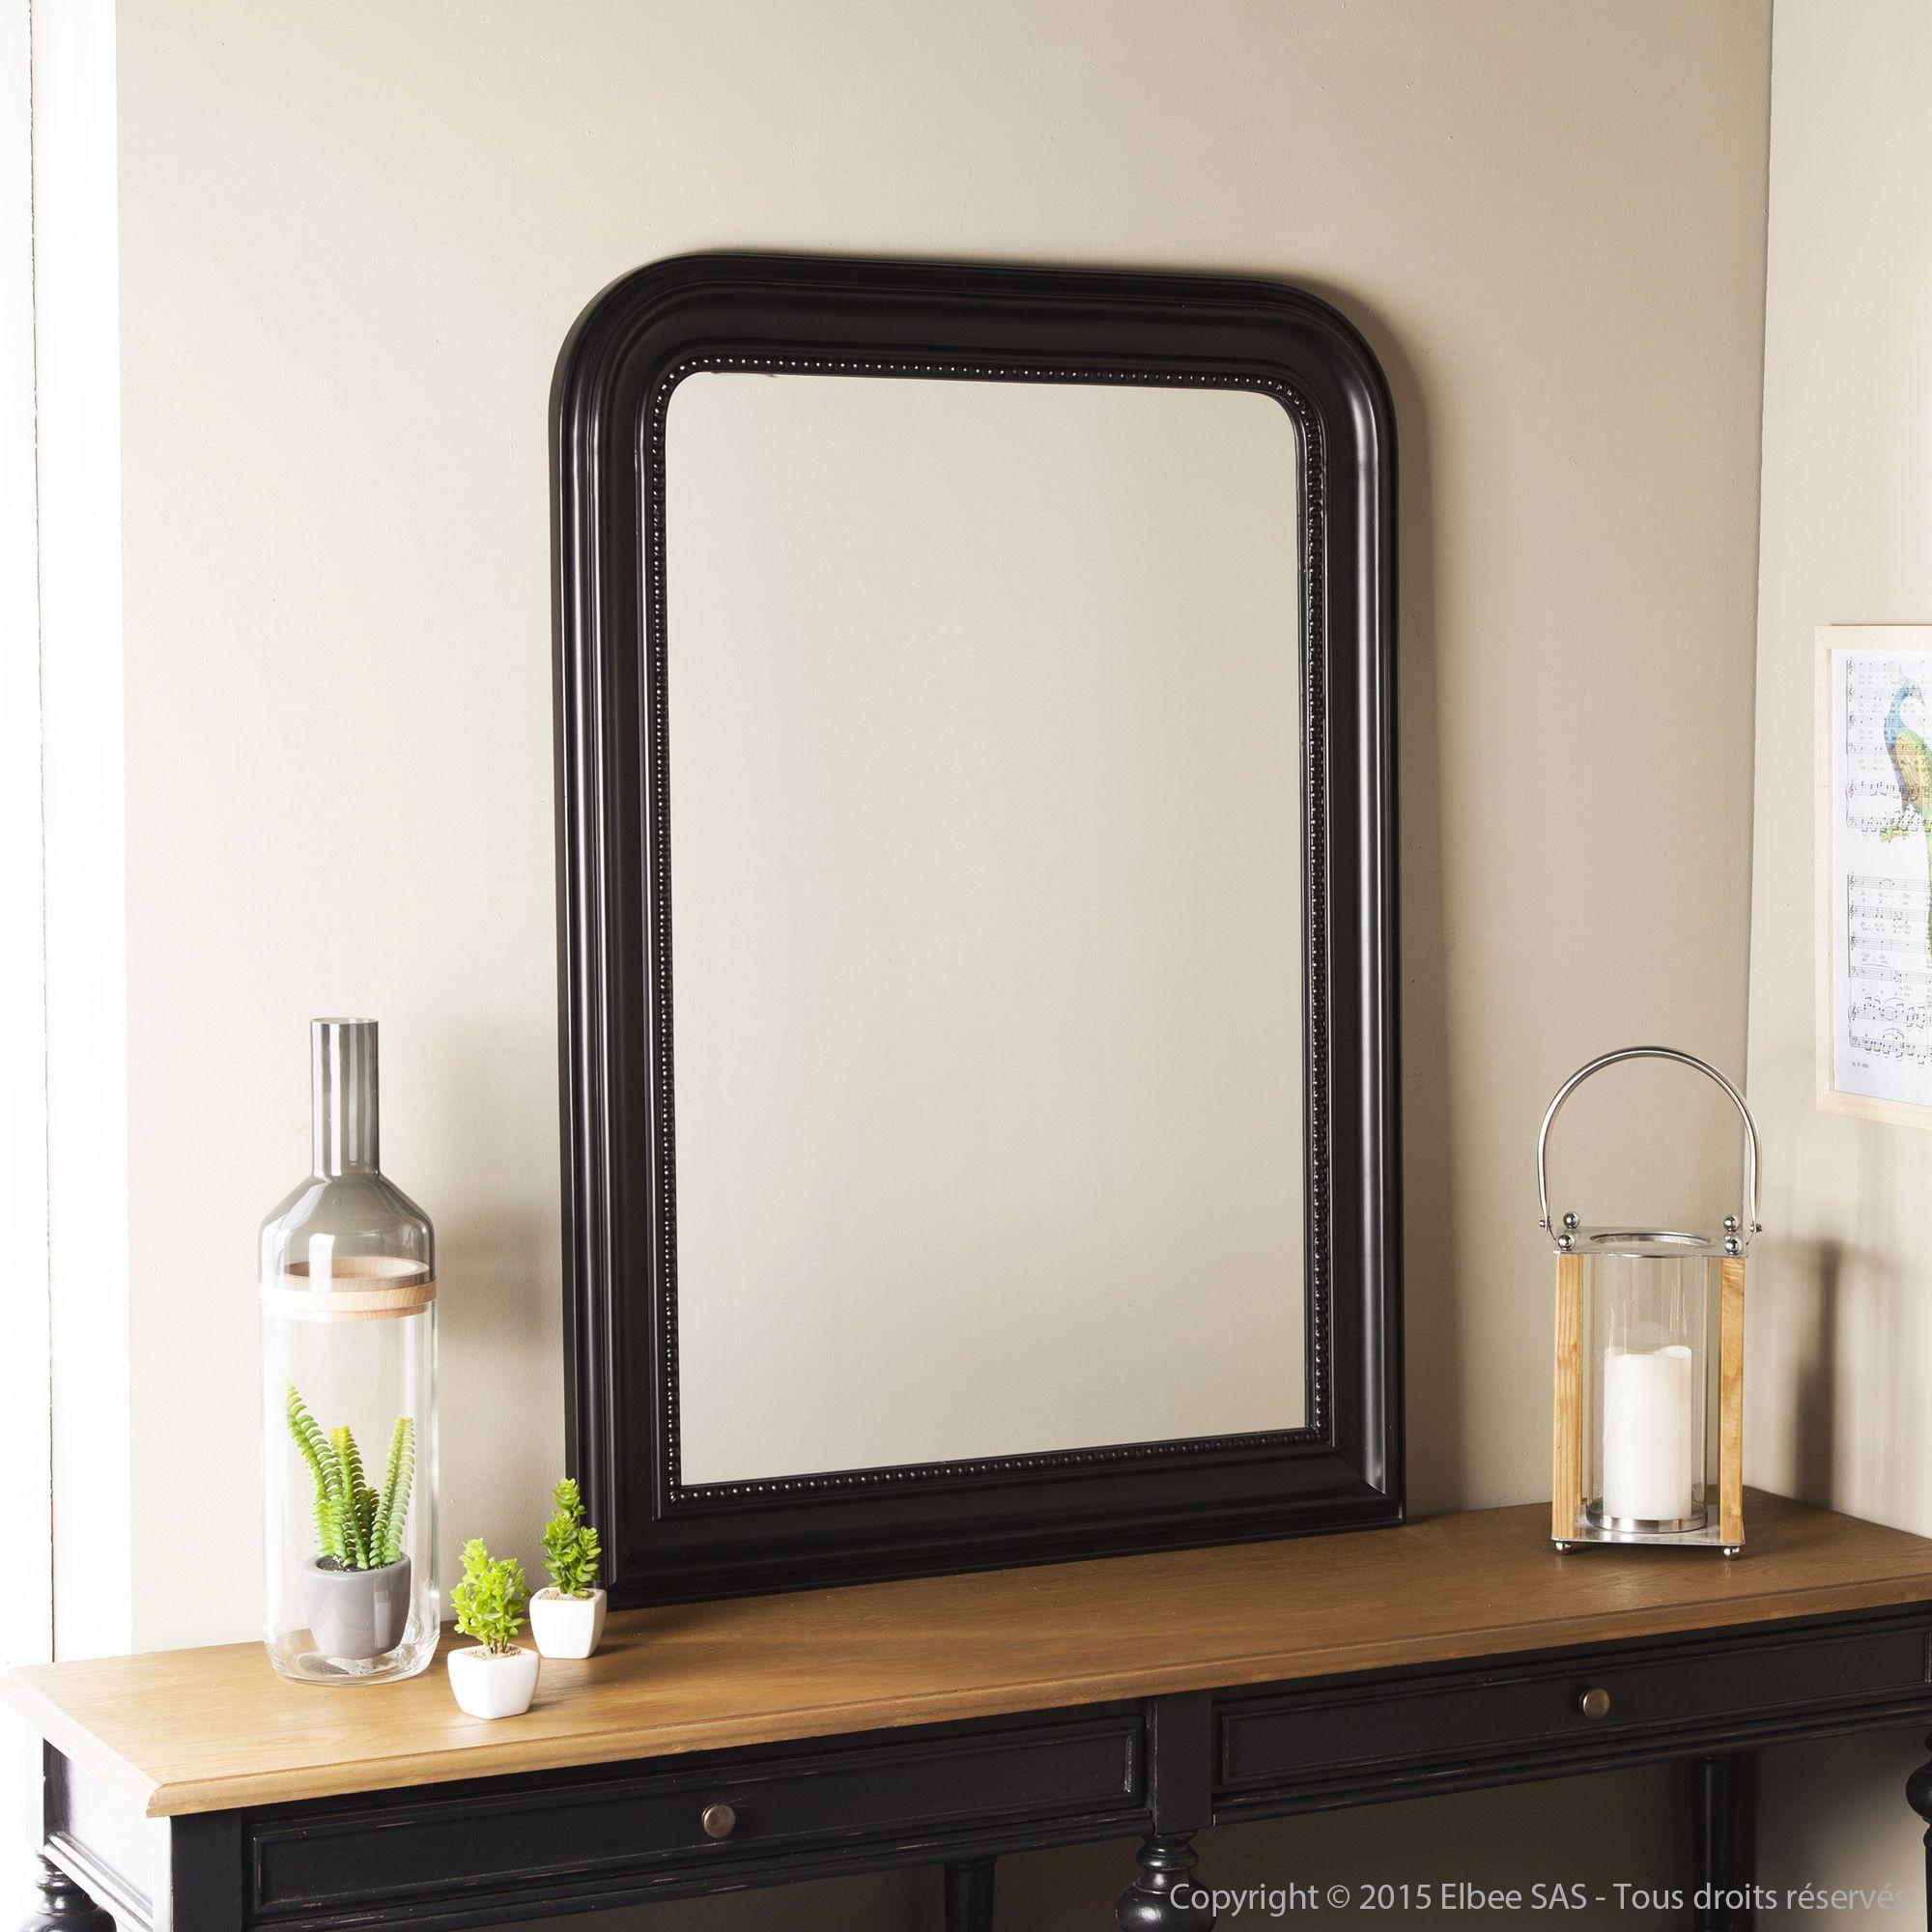 Miroir rectangulaire en bois paulownia biseaut perla mathilde et pauline dans la chambre - Miroir dans la chambre ...